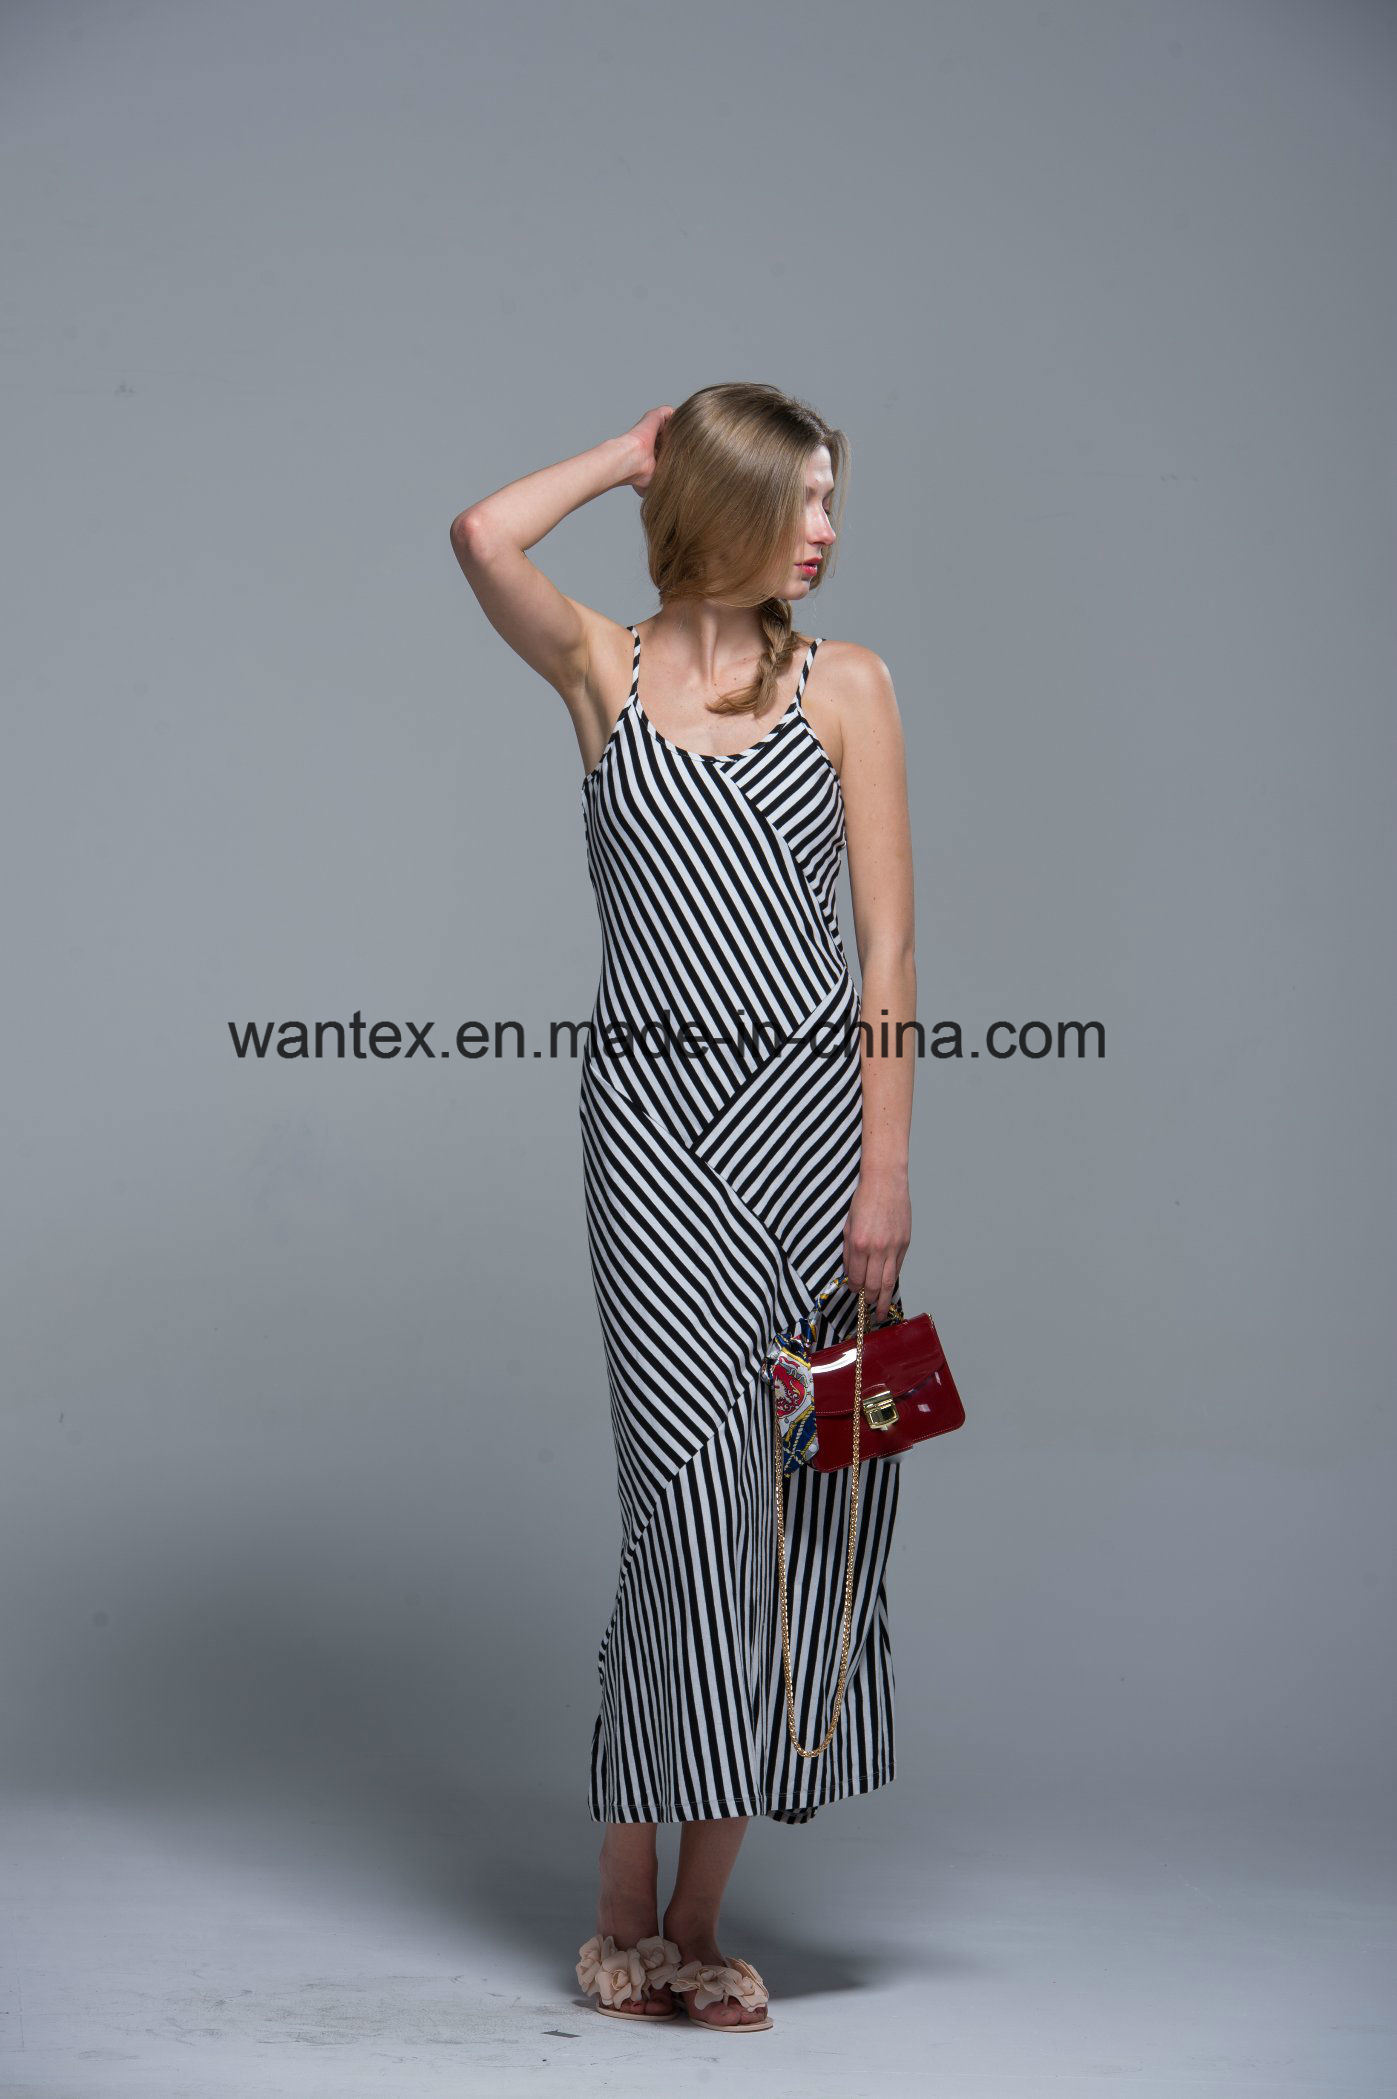 Sling Ladies Long Dress Summer Fashion 100% Cotton Stripe Loose Girl